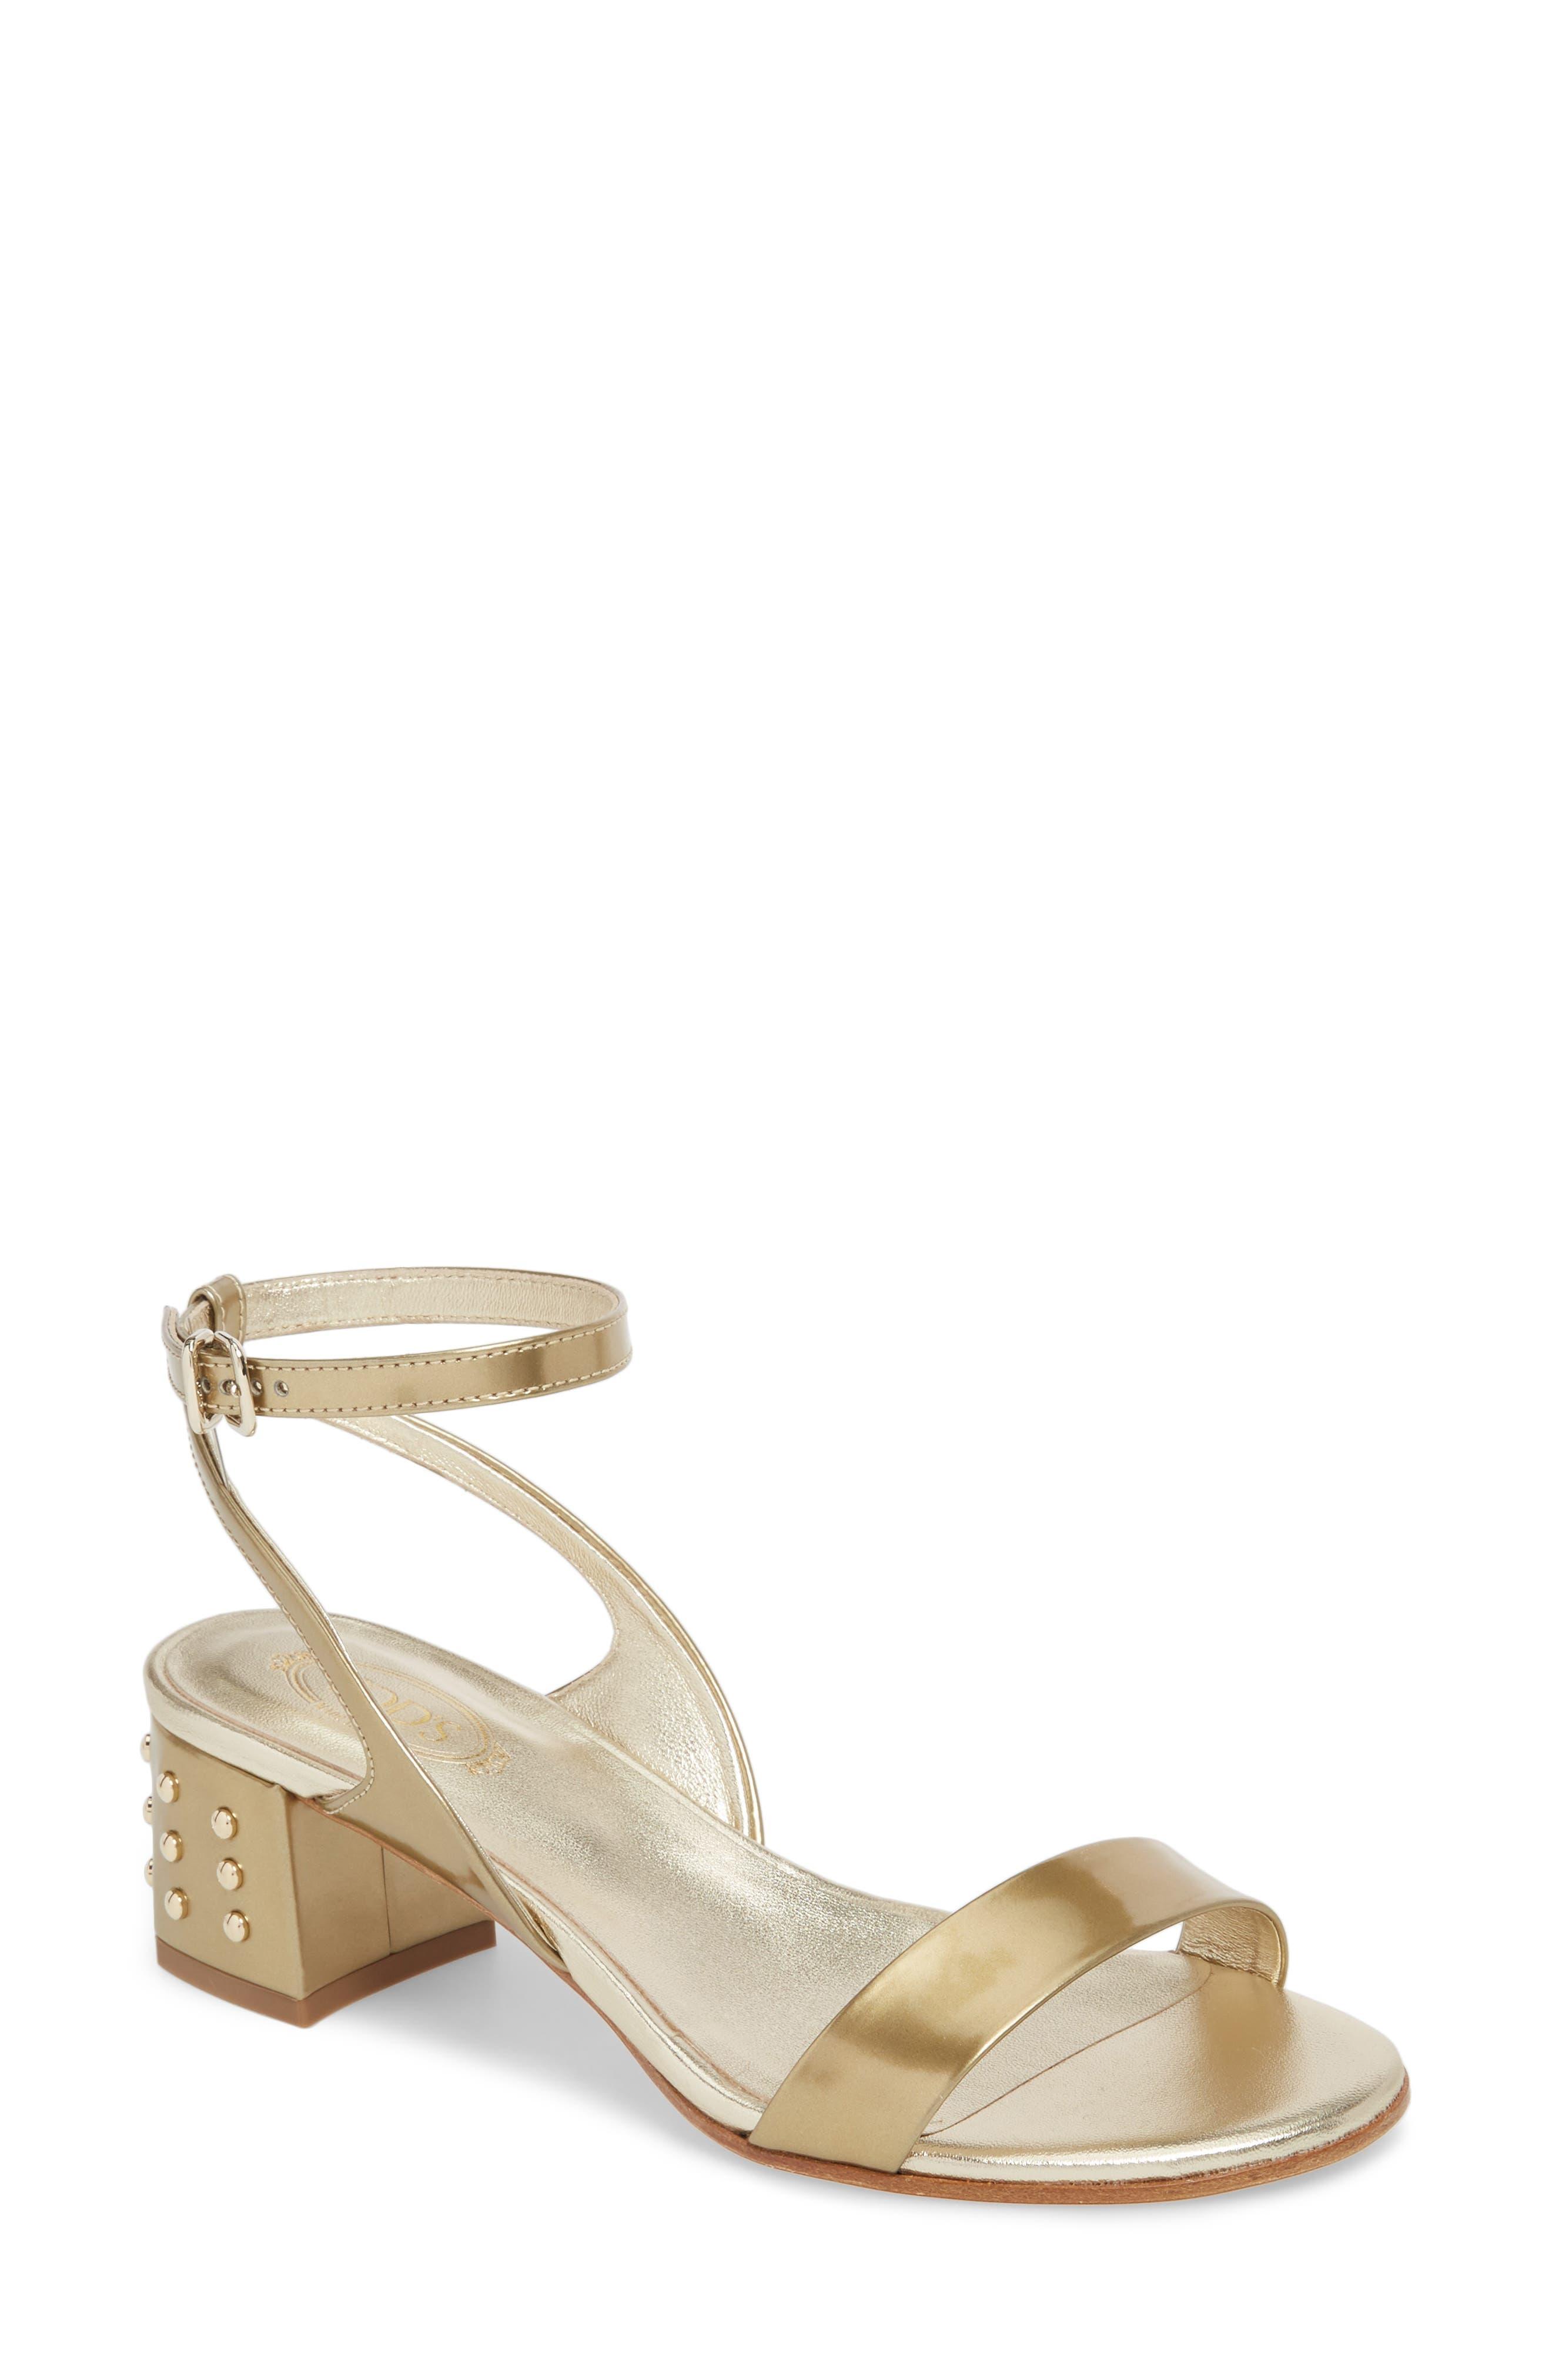 Gommini Block Heel Sandal,                         Main,                         color, Gold